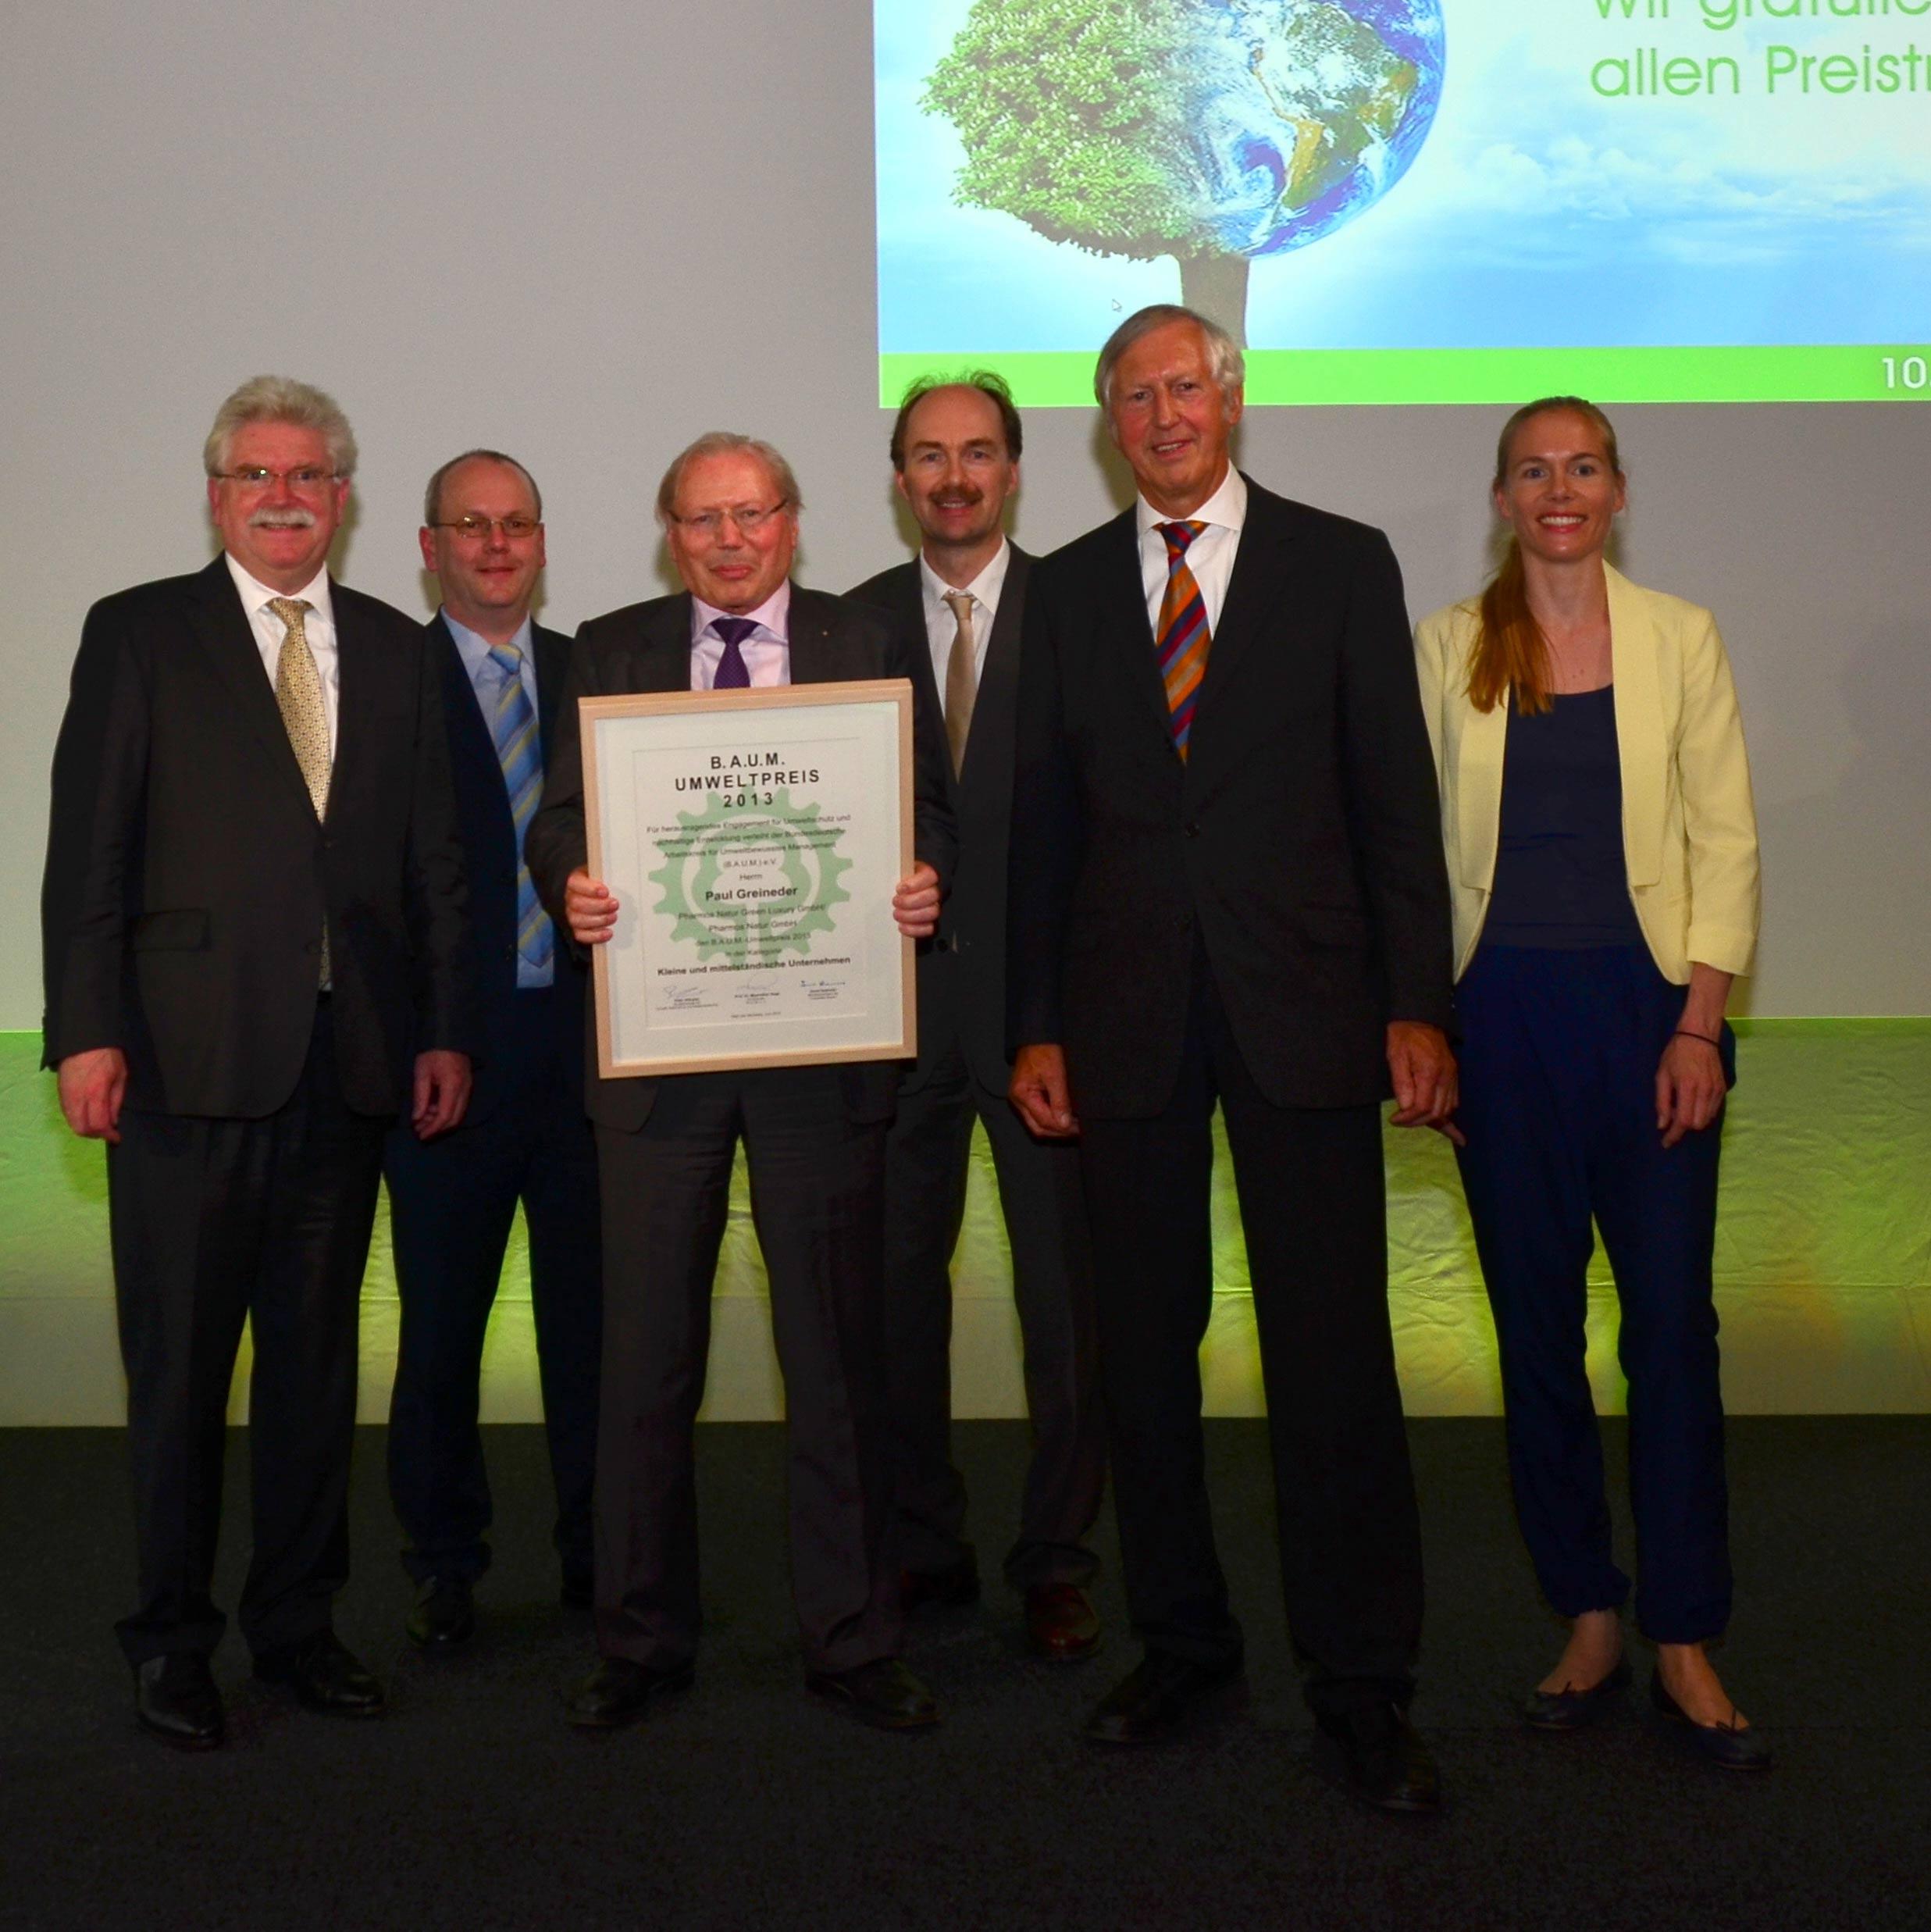 Paul Greineder posiert mit fünf Kollegen für die Asuzeichnung des Baum Umweltpreises